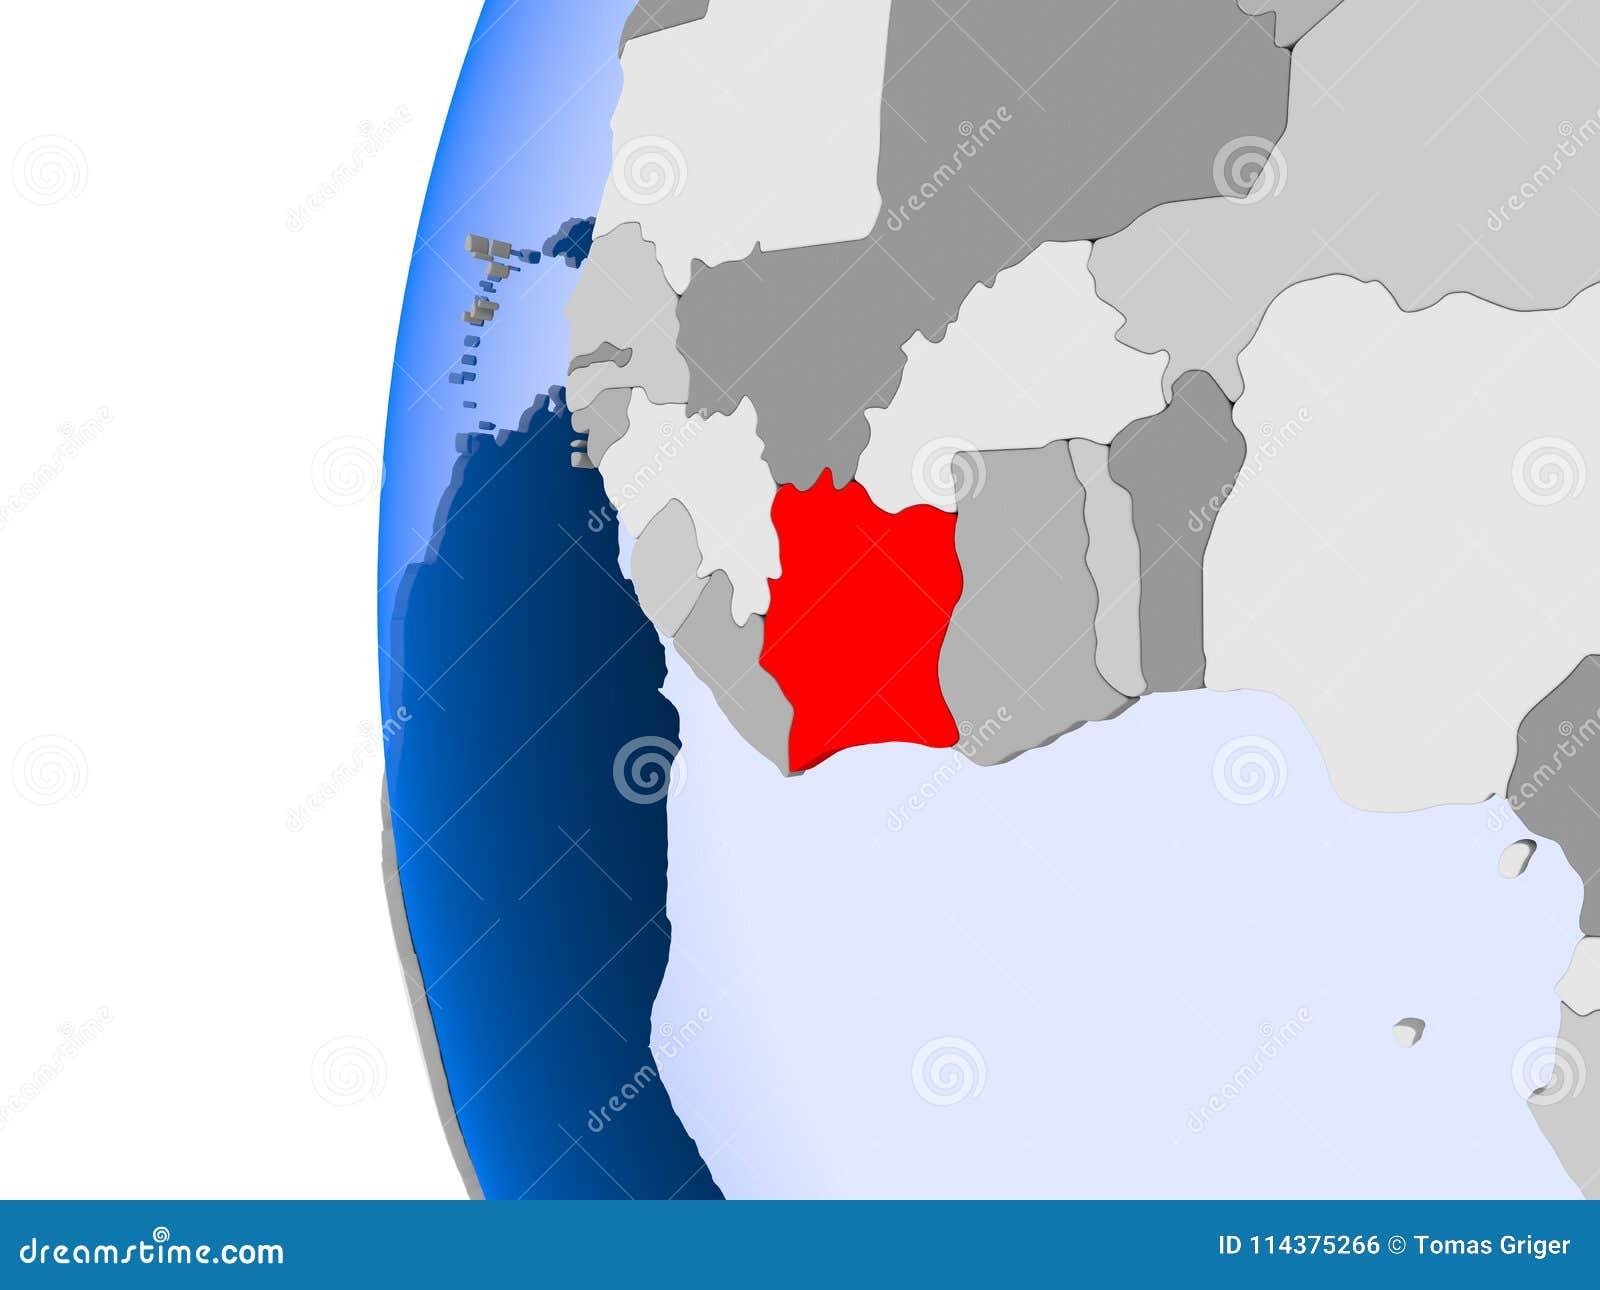 象牙海岸地图在政治地球的